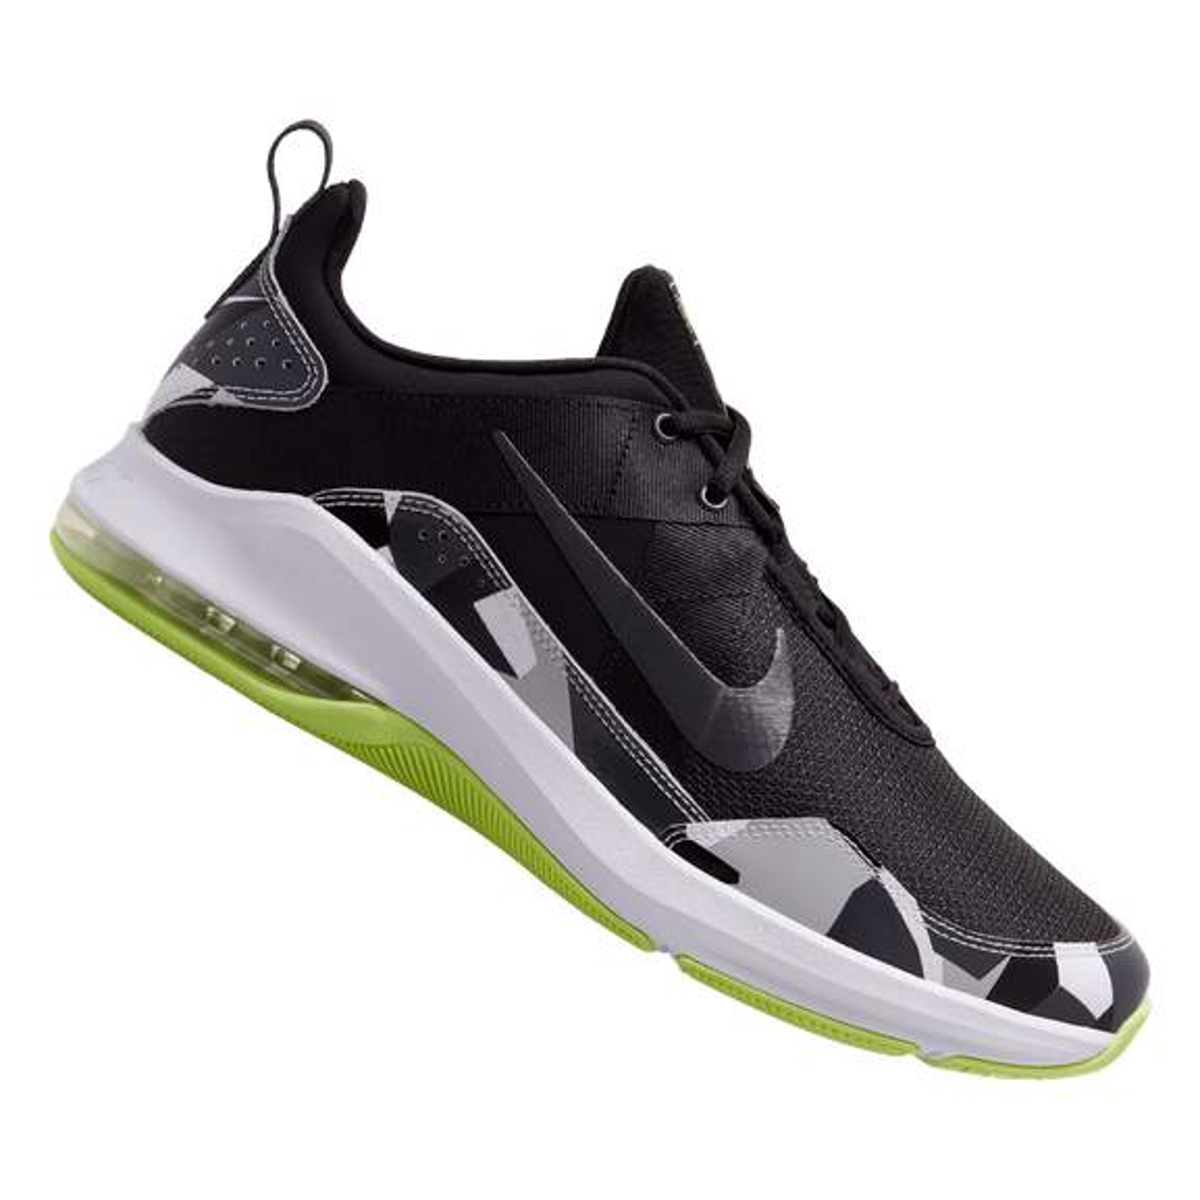 Nike Air Max Alpha Trainer II Fitnessschuh Herren in Schwarz